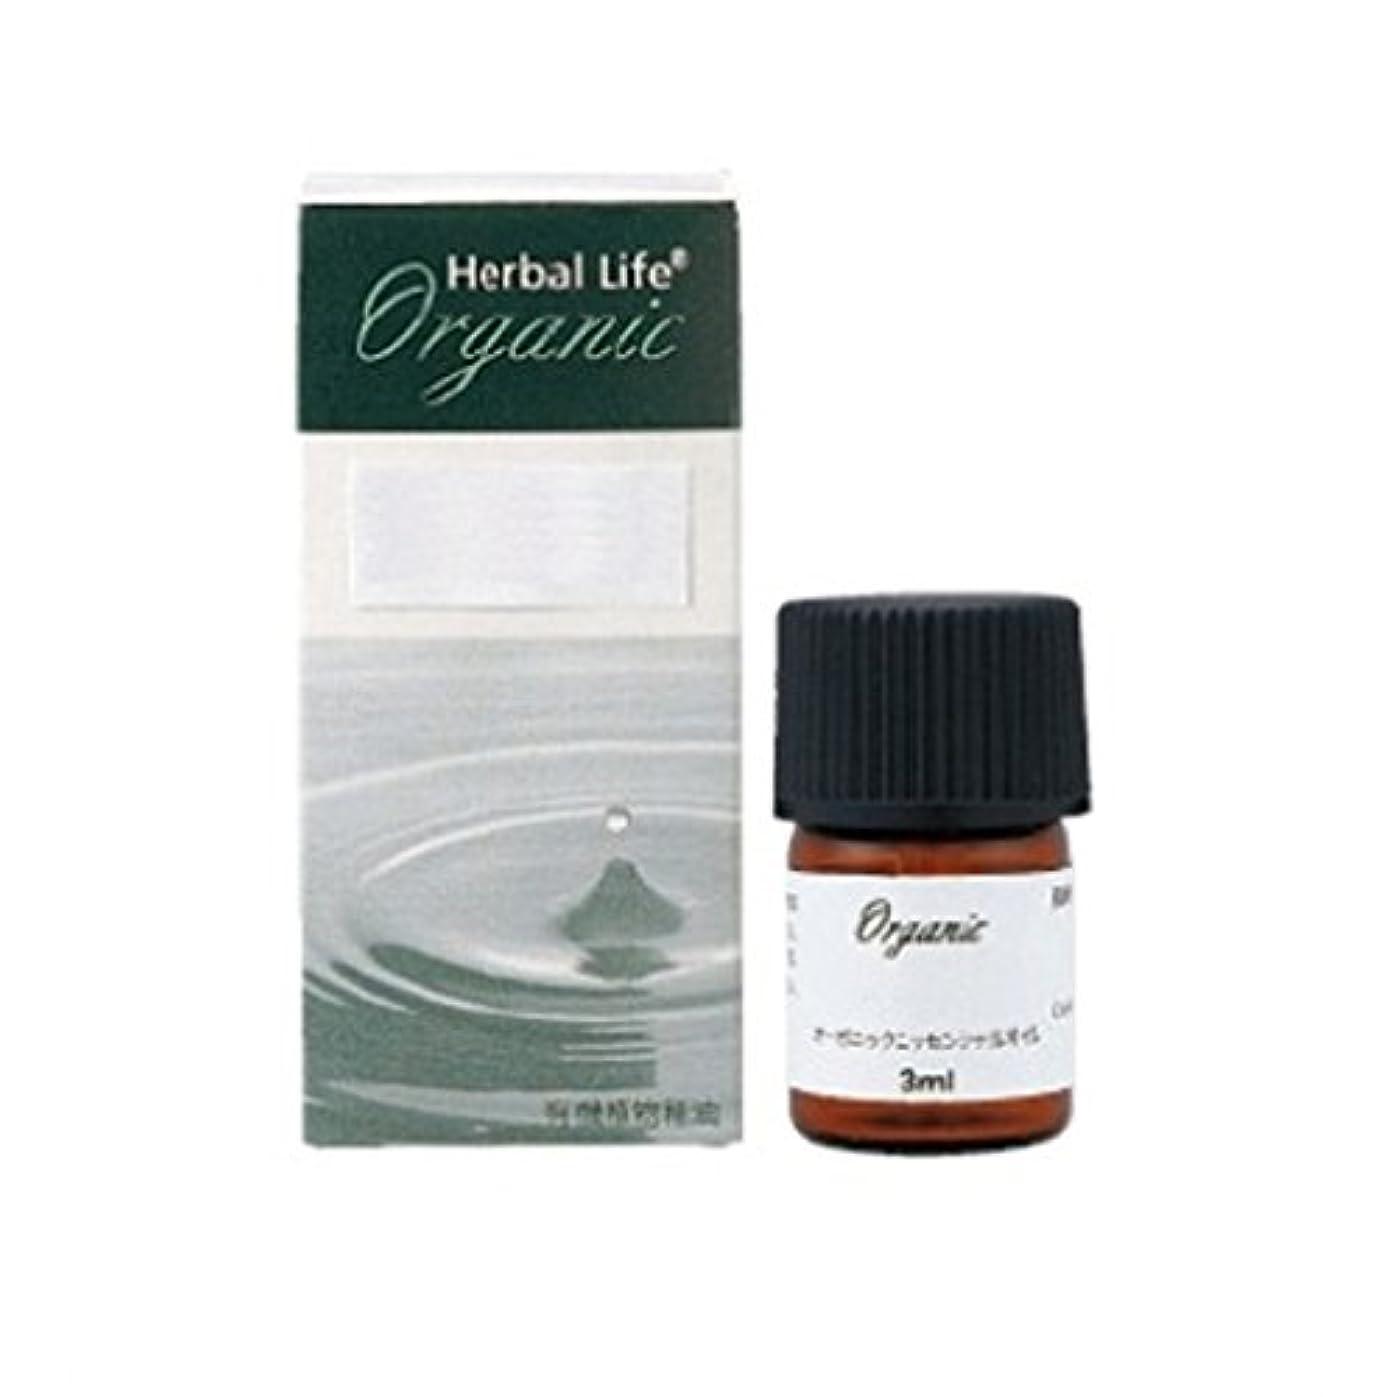 評価春求める生活の木 Herbal Life Organic マジョラム 3ml